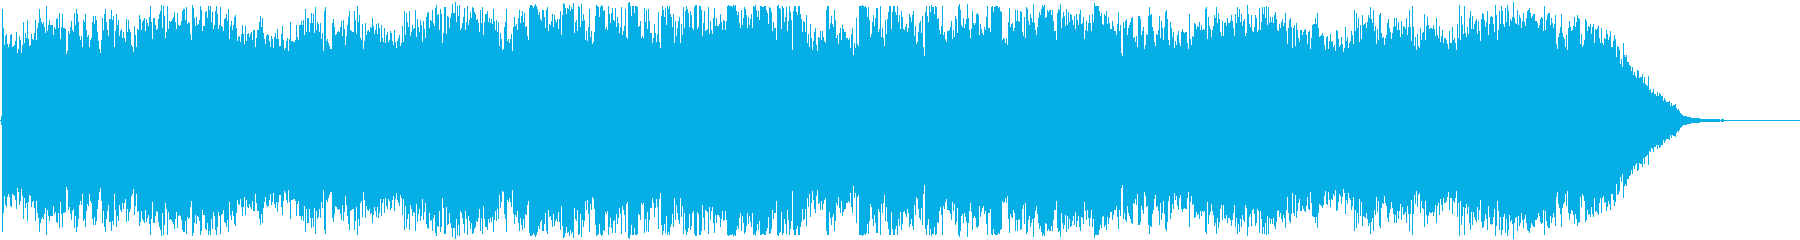 エンディング・おしゃれフューチャーベースの再生済みの波形